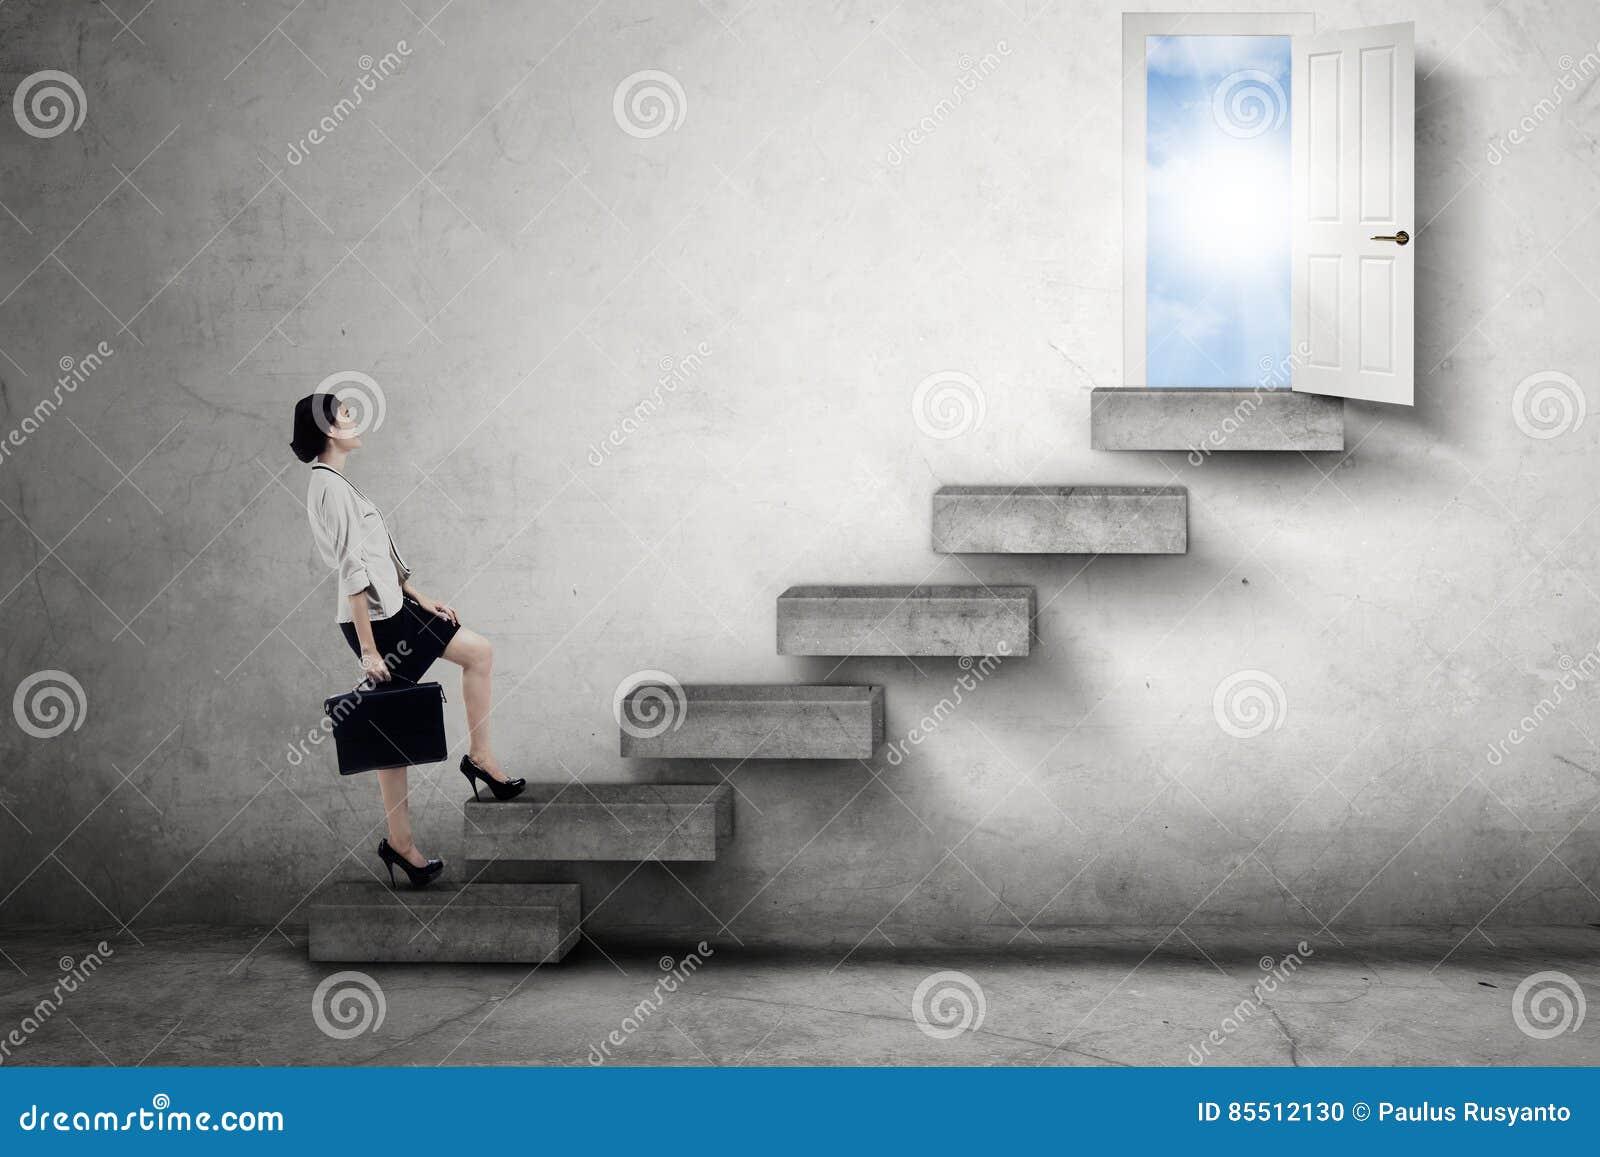 El trabajador camina en escalera hacia una puerta